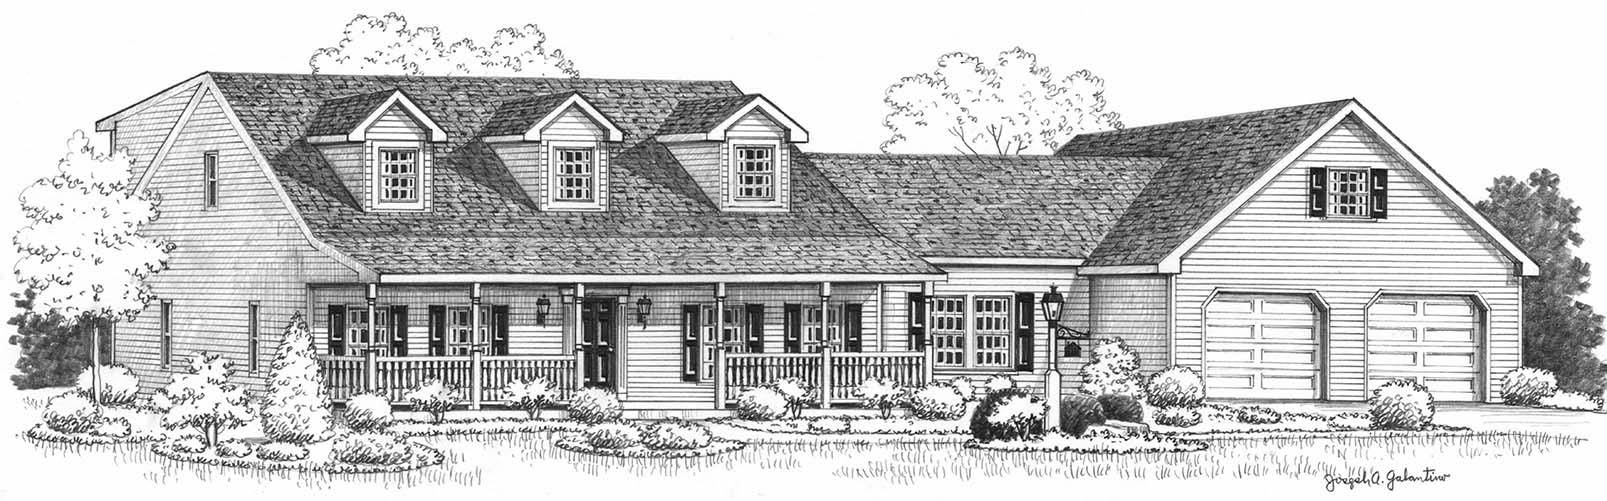 Ridgeway Option II sketch